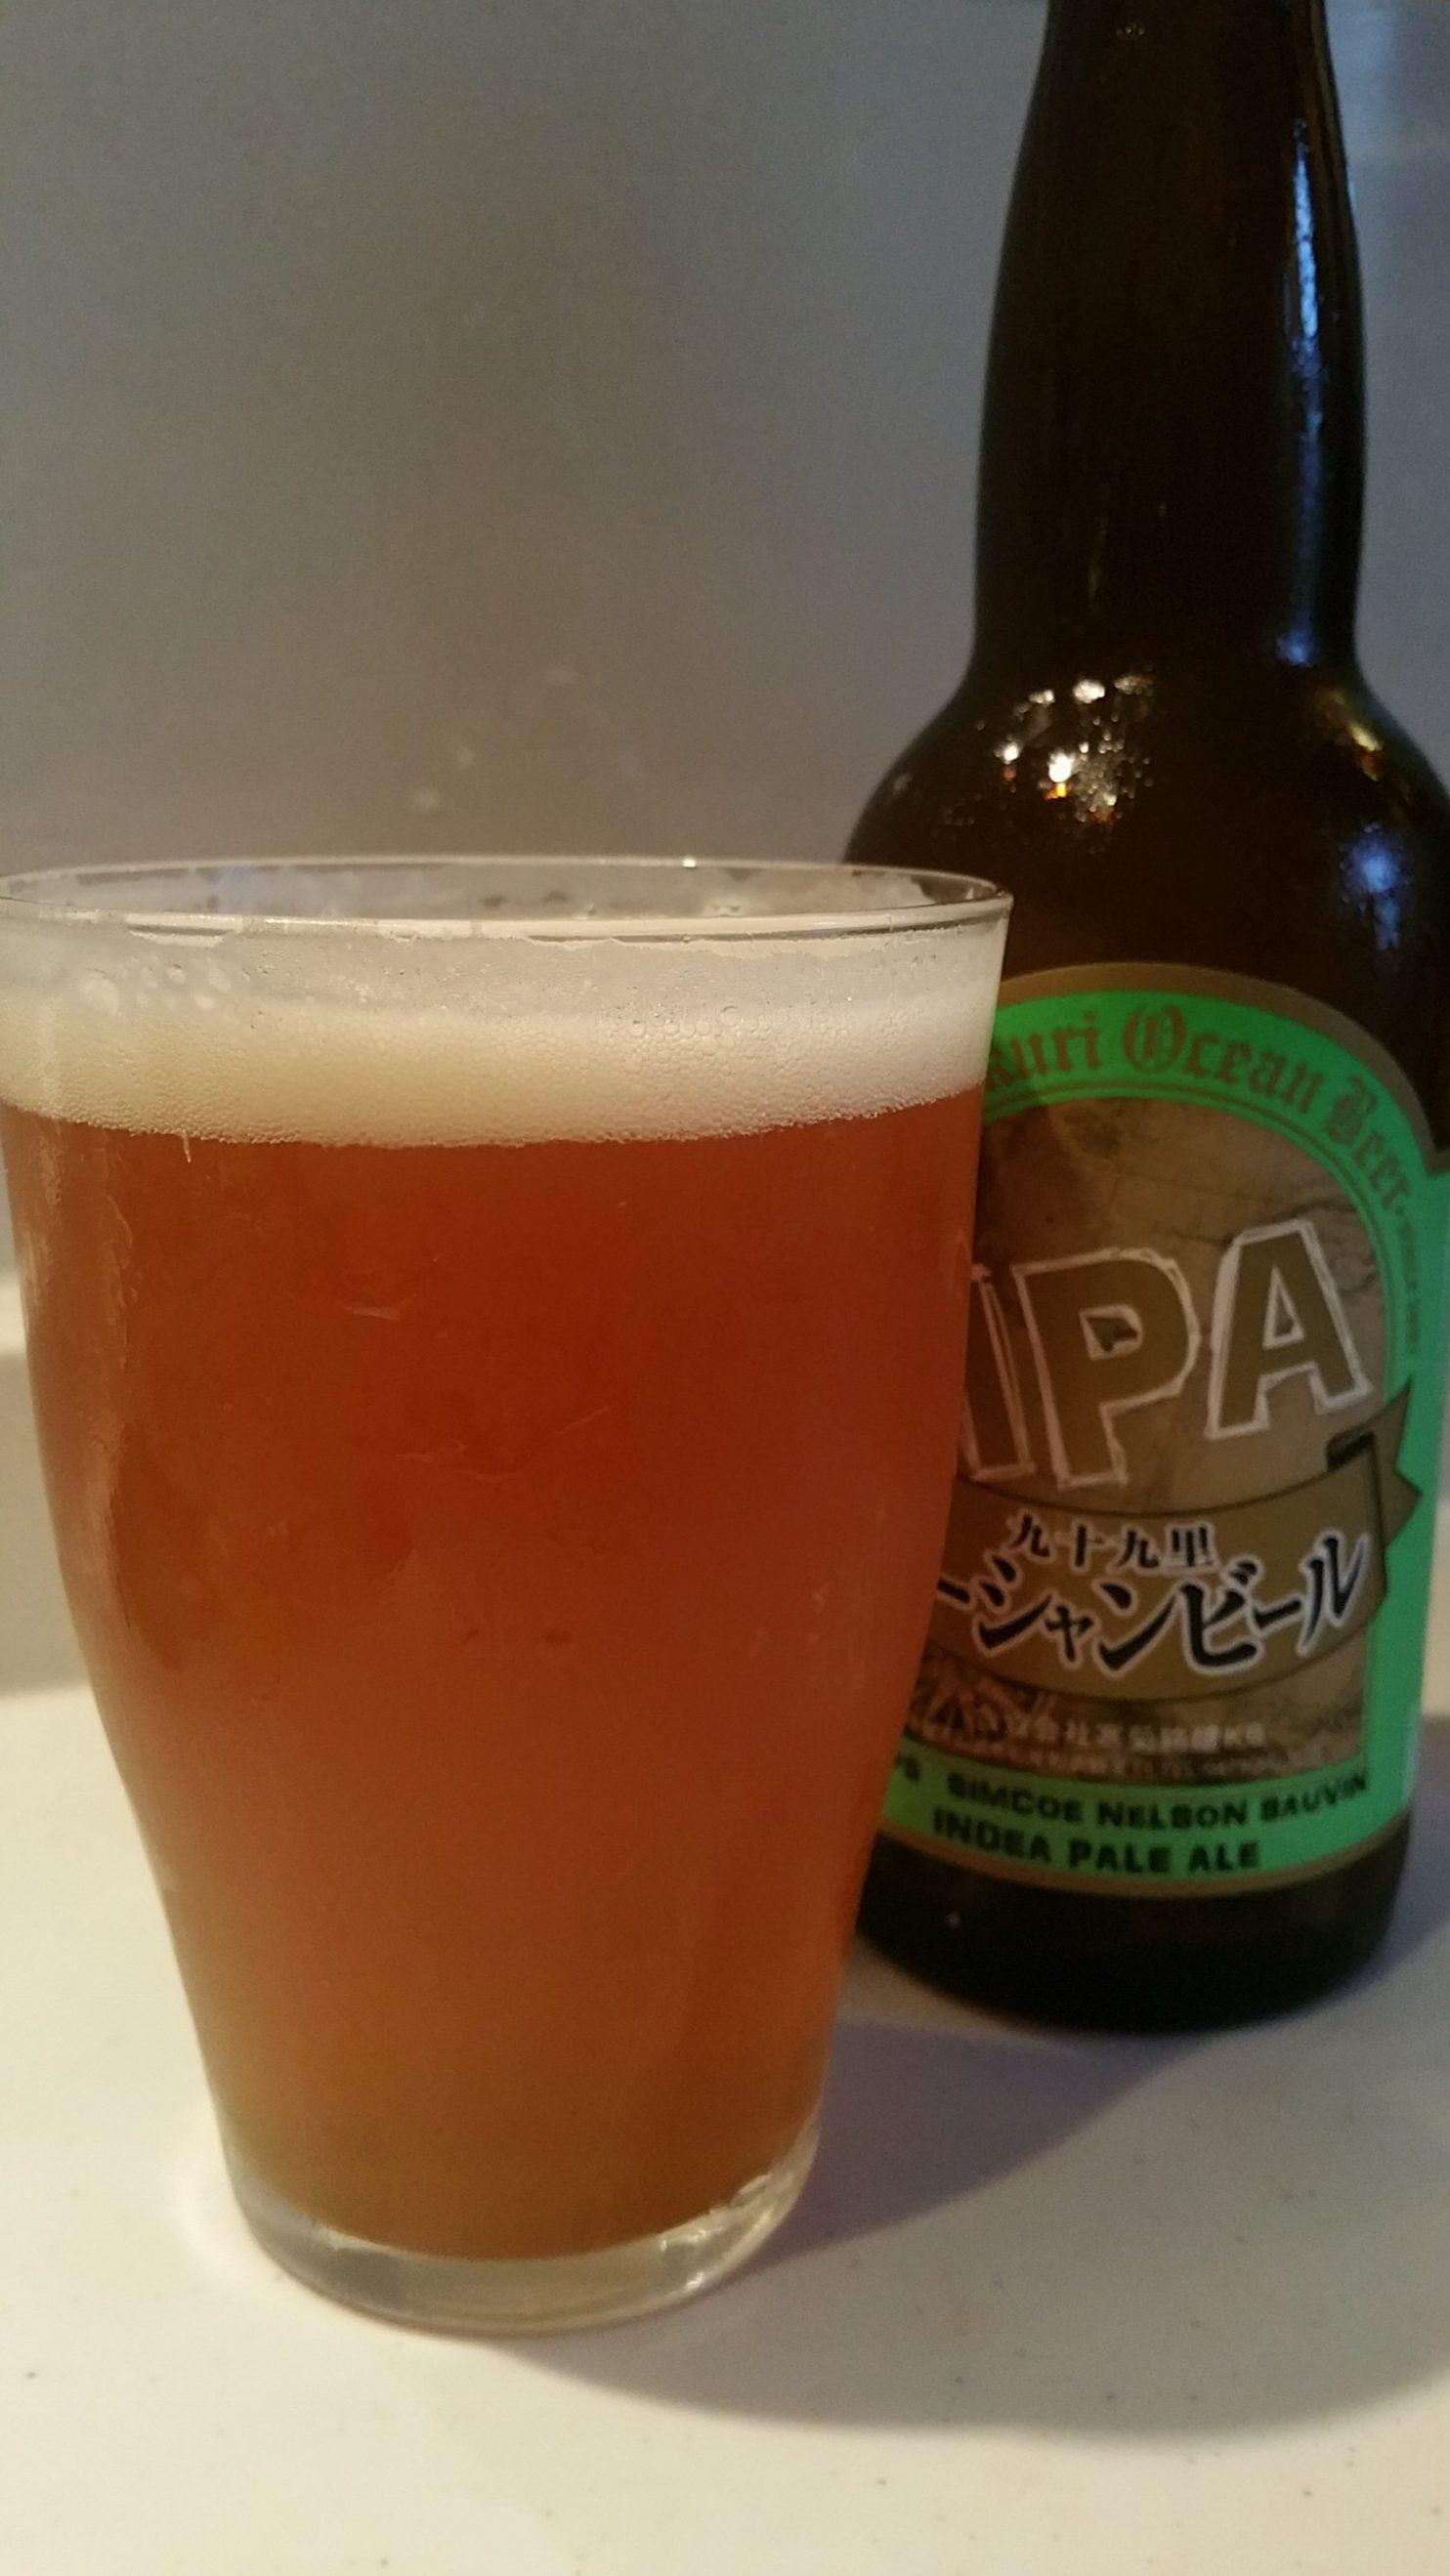 Kujukuri Ocean Beer IPA 九十九里オーシャンビール IPA